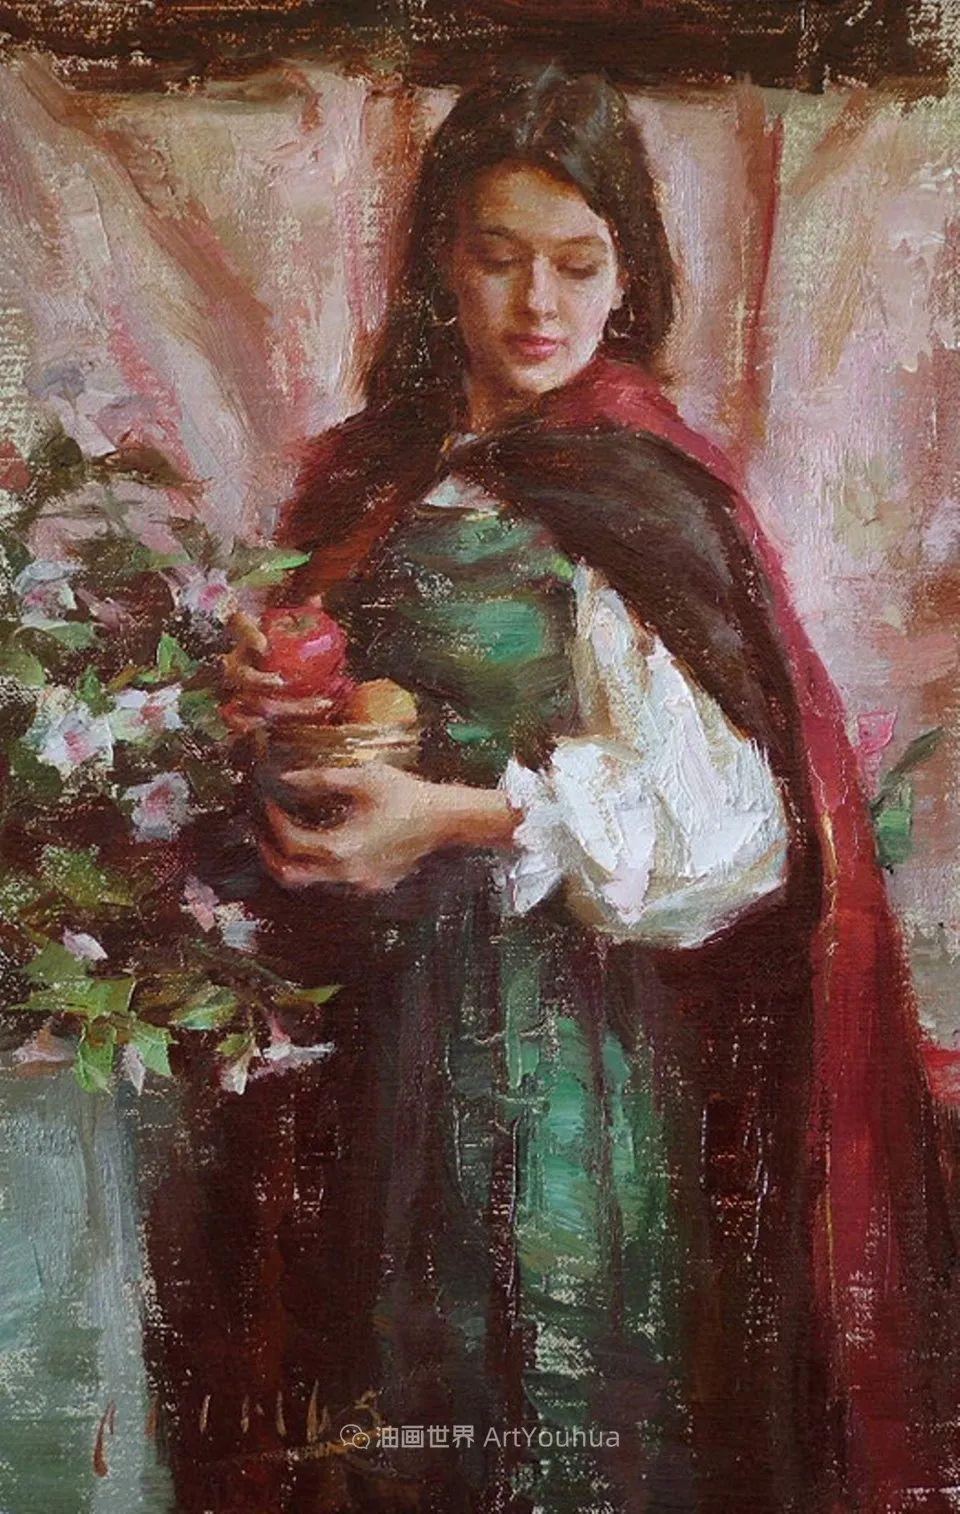 具象女性人物,感受绘画所带来的情感影响和力量!插图49